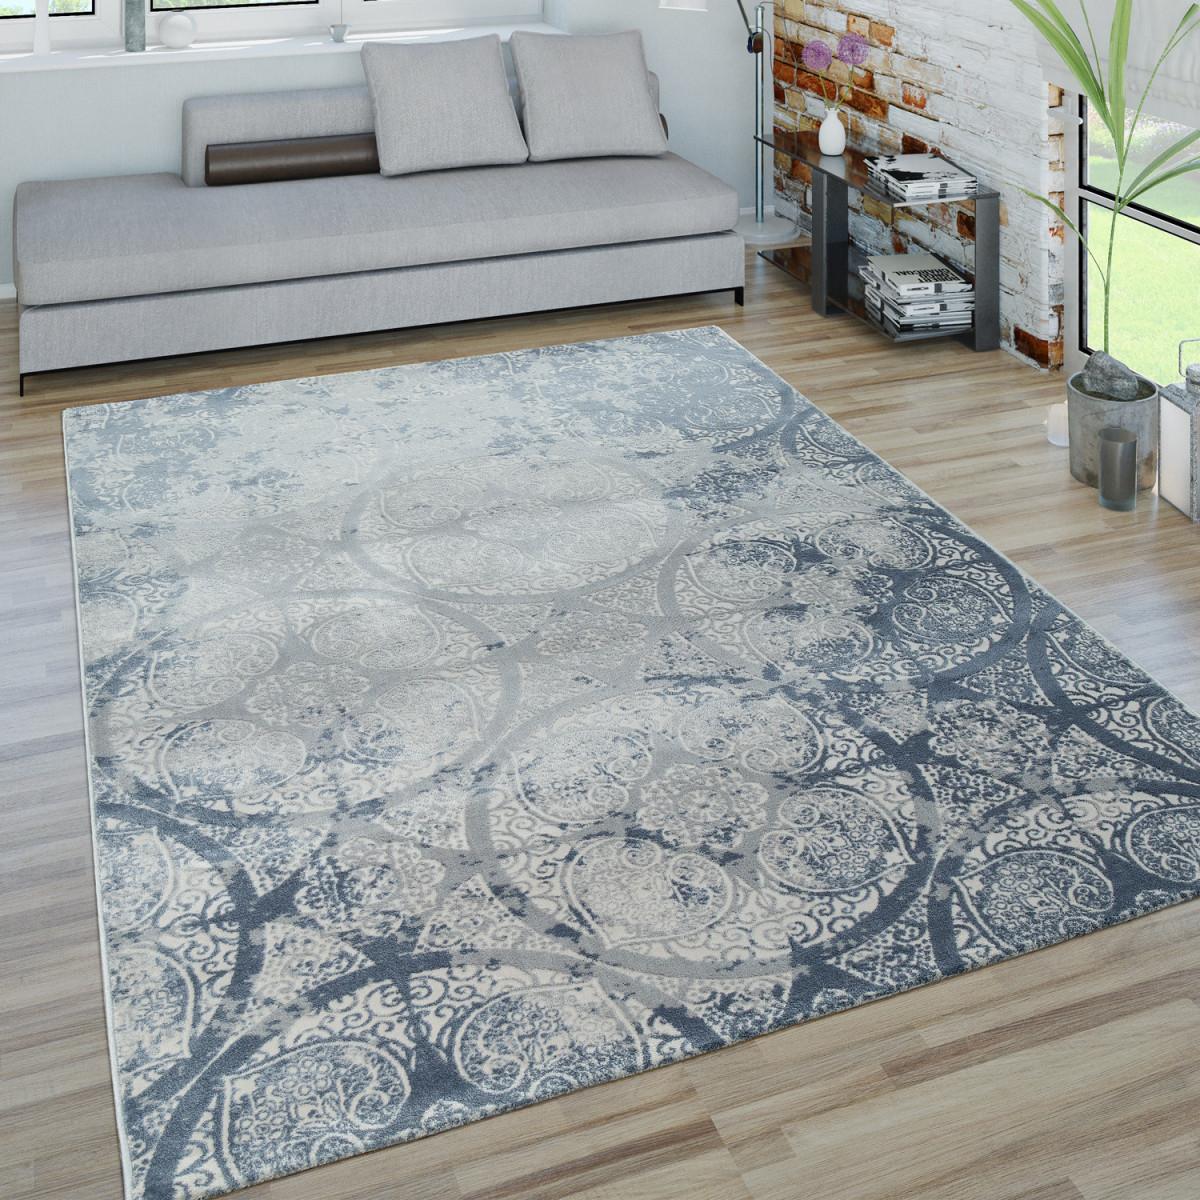 Kurzflor Wohnzimmer Teppich 3Doptik Ornamente Geometrisches Design In Blau  Grau von Blau Teppich Wohnzimmer Bild